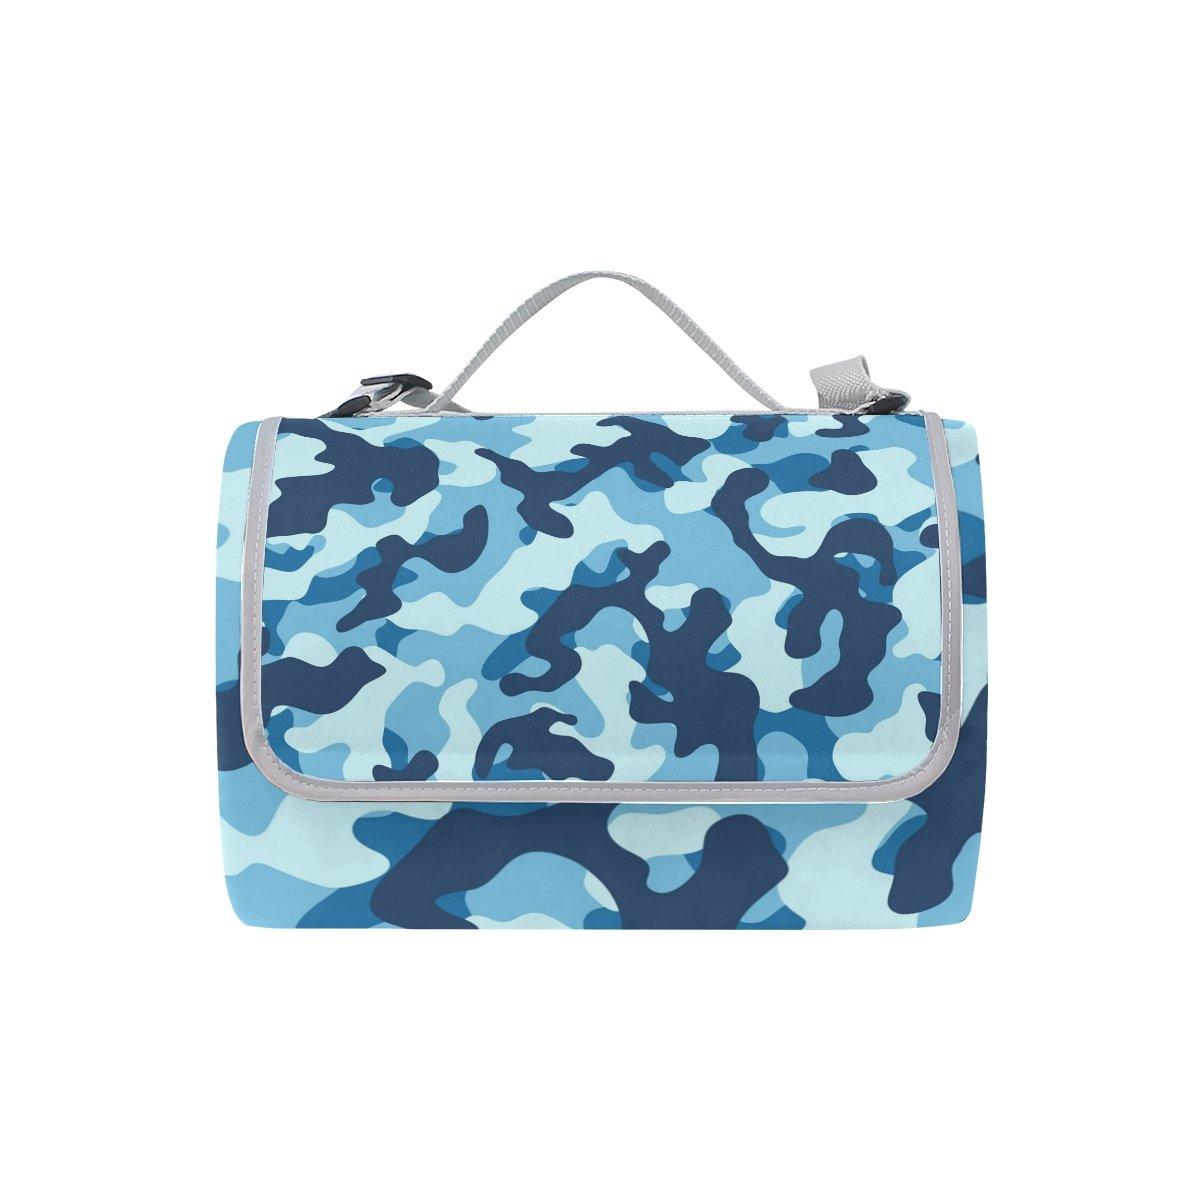 COOSUN Manta de picnic con diseño de de de camuflaje marino, práctica alfombra resistente al moho y resistente al agua para picnics, playas, senderismo, viajes, viajes y excursiones f406ce